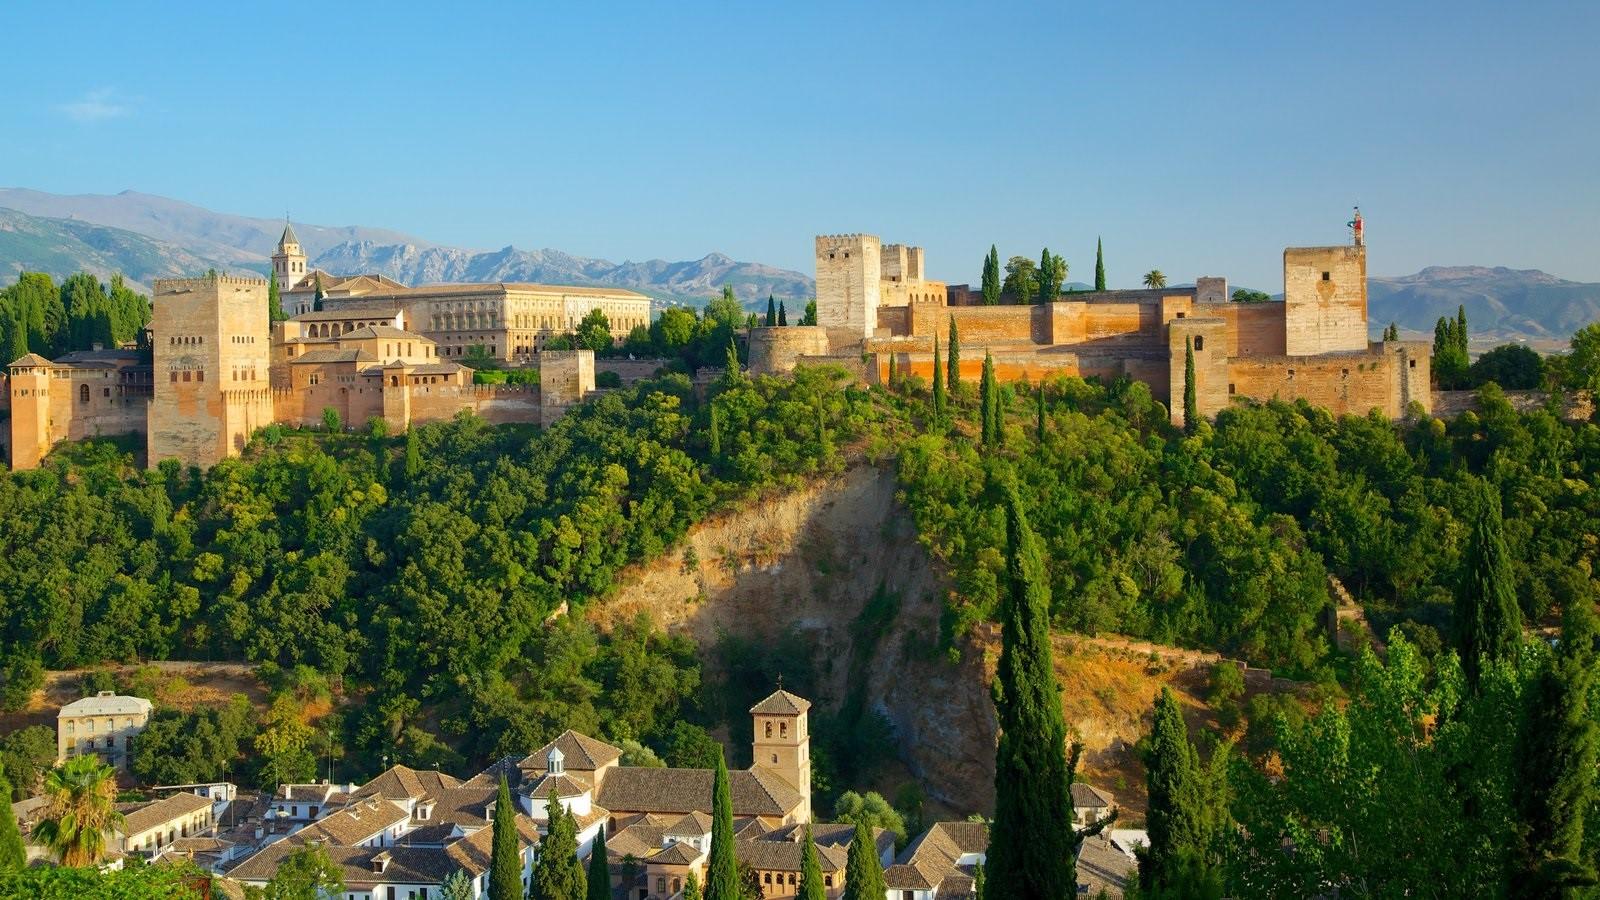 Transparencia insta a la Alhambra a publicar información sobre sus cuentas, procedimientos y auditorías